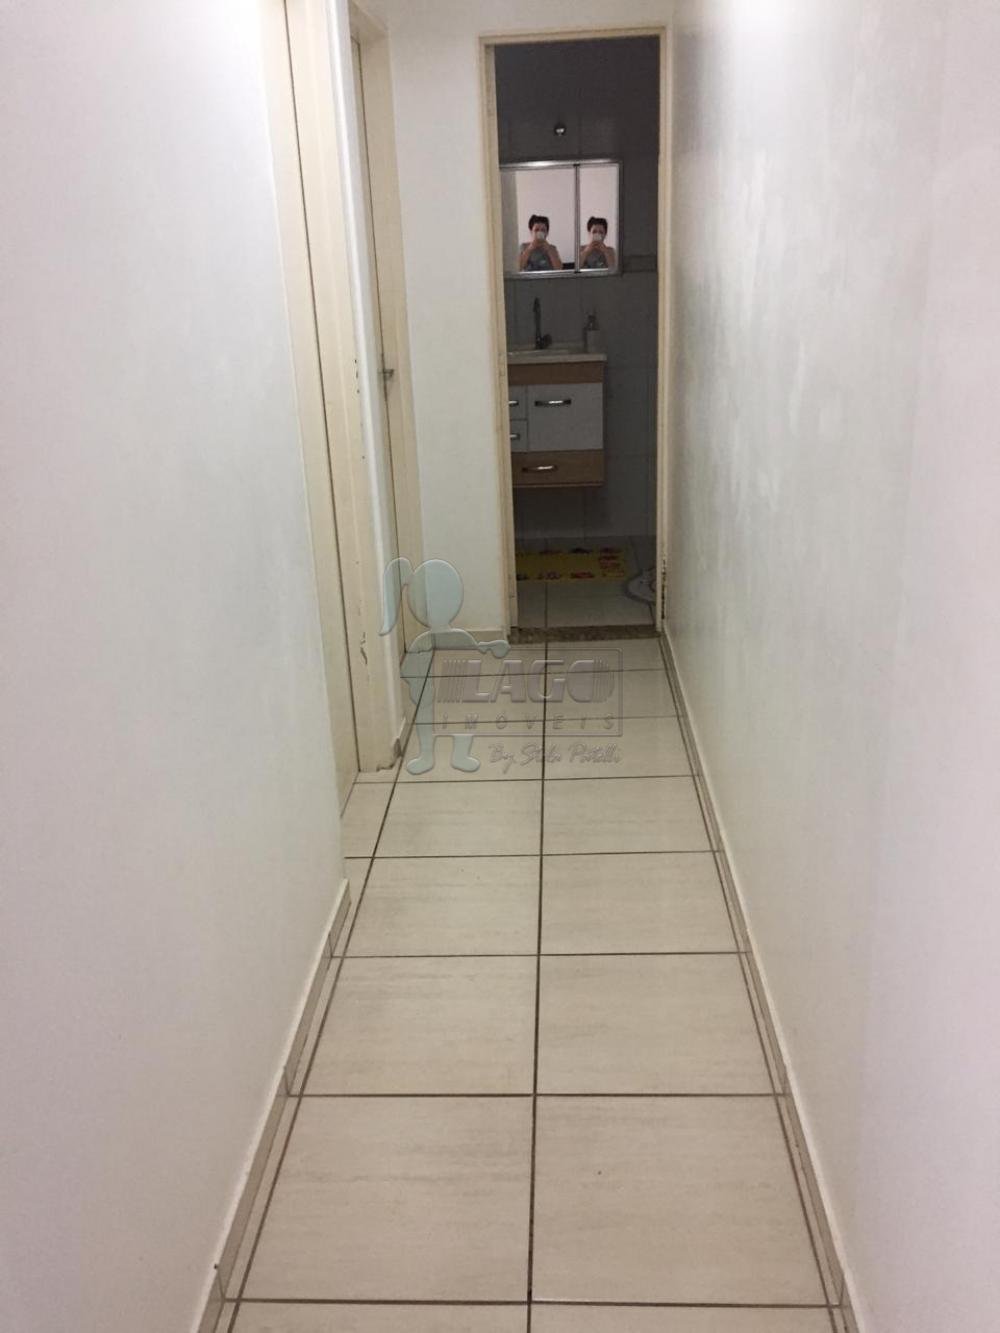 Comprar Apartamento / Padrão em Ribeirão Preto apenas R$ 135.000,00 - Foto 6